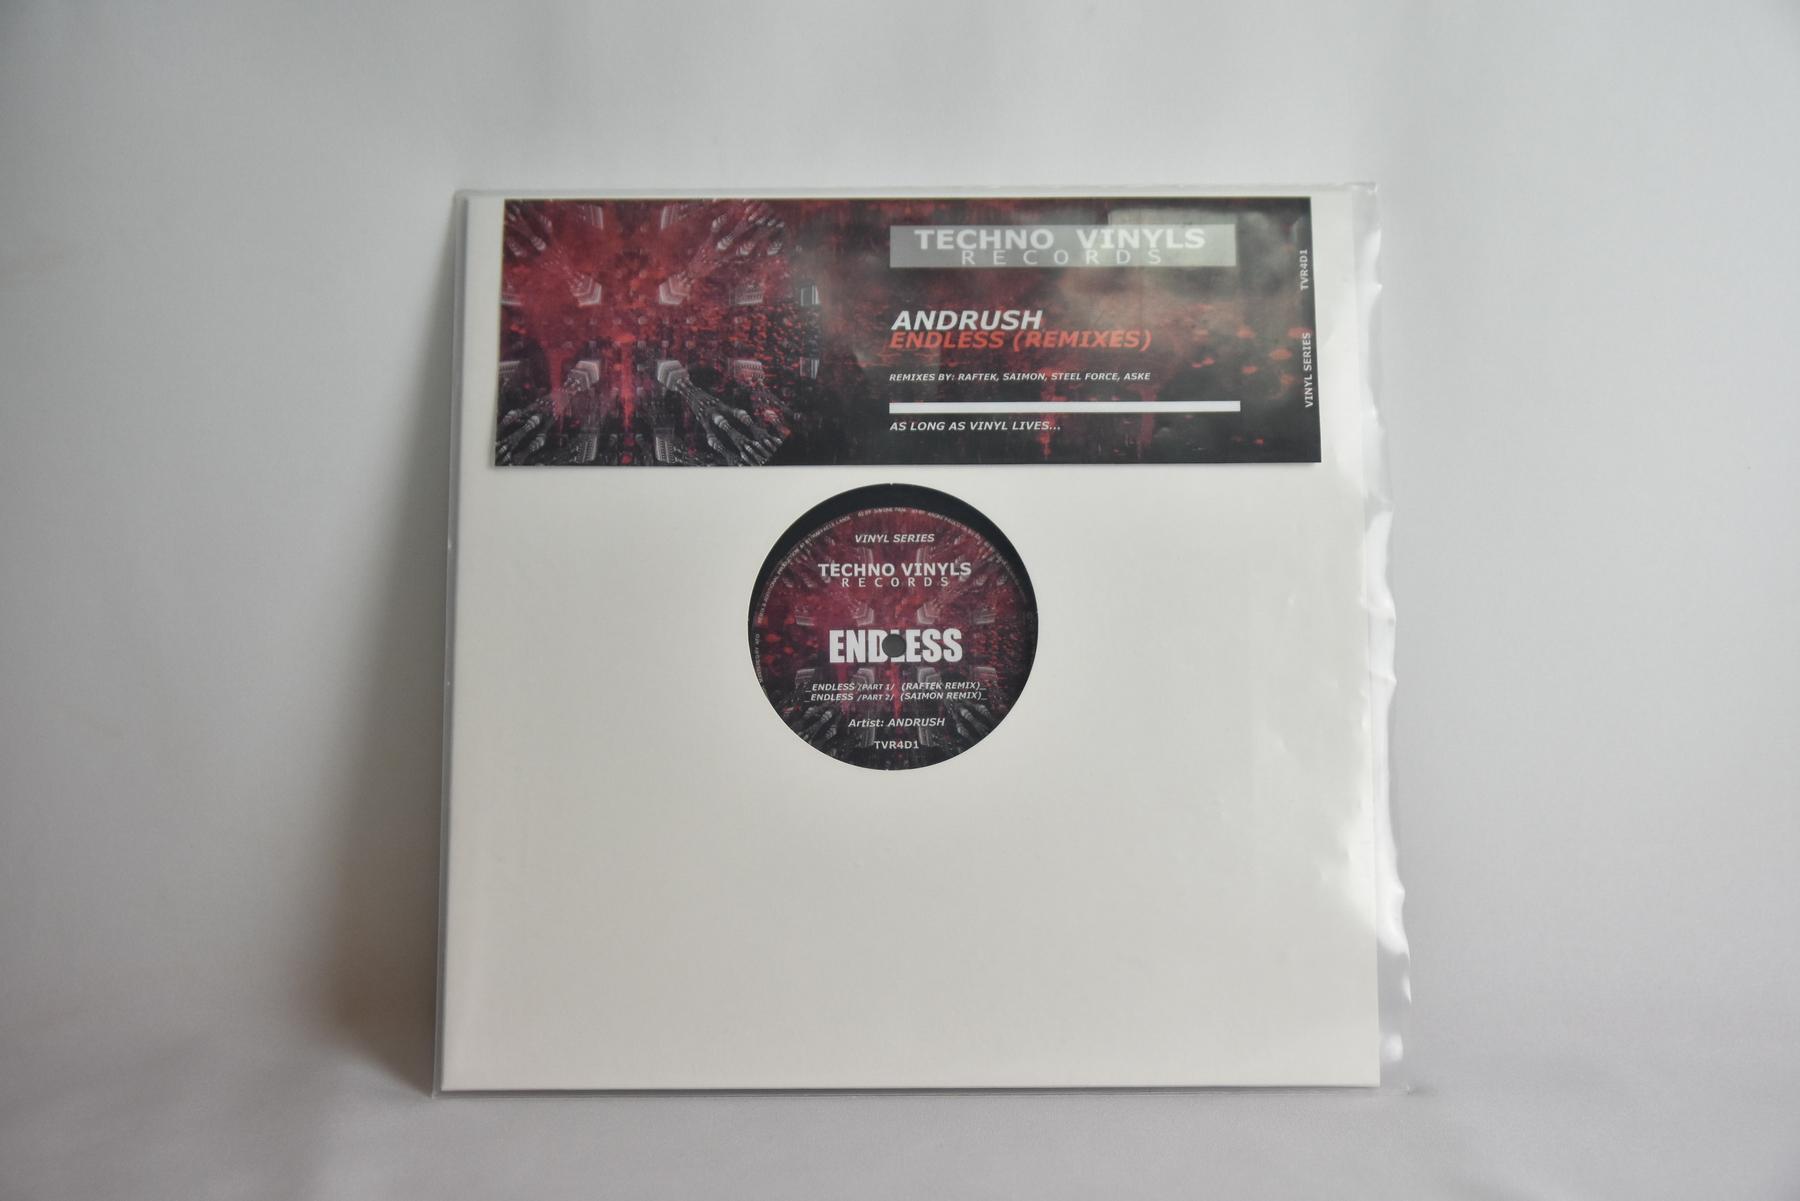 Andrush – Endless (Remixes)